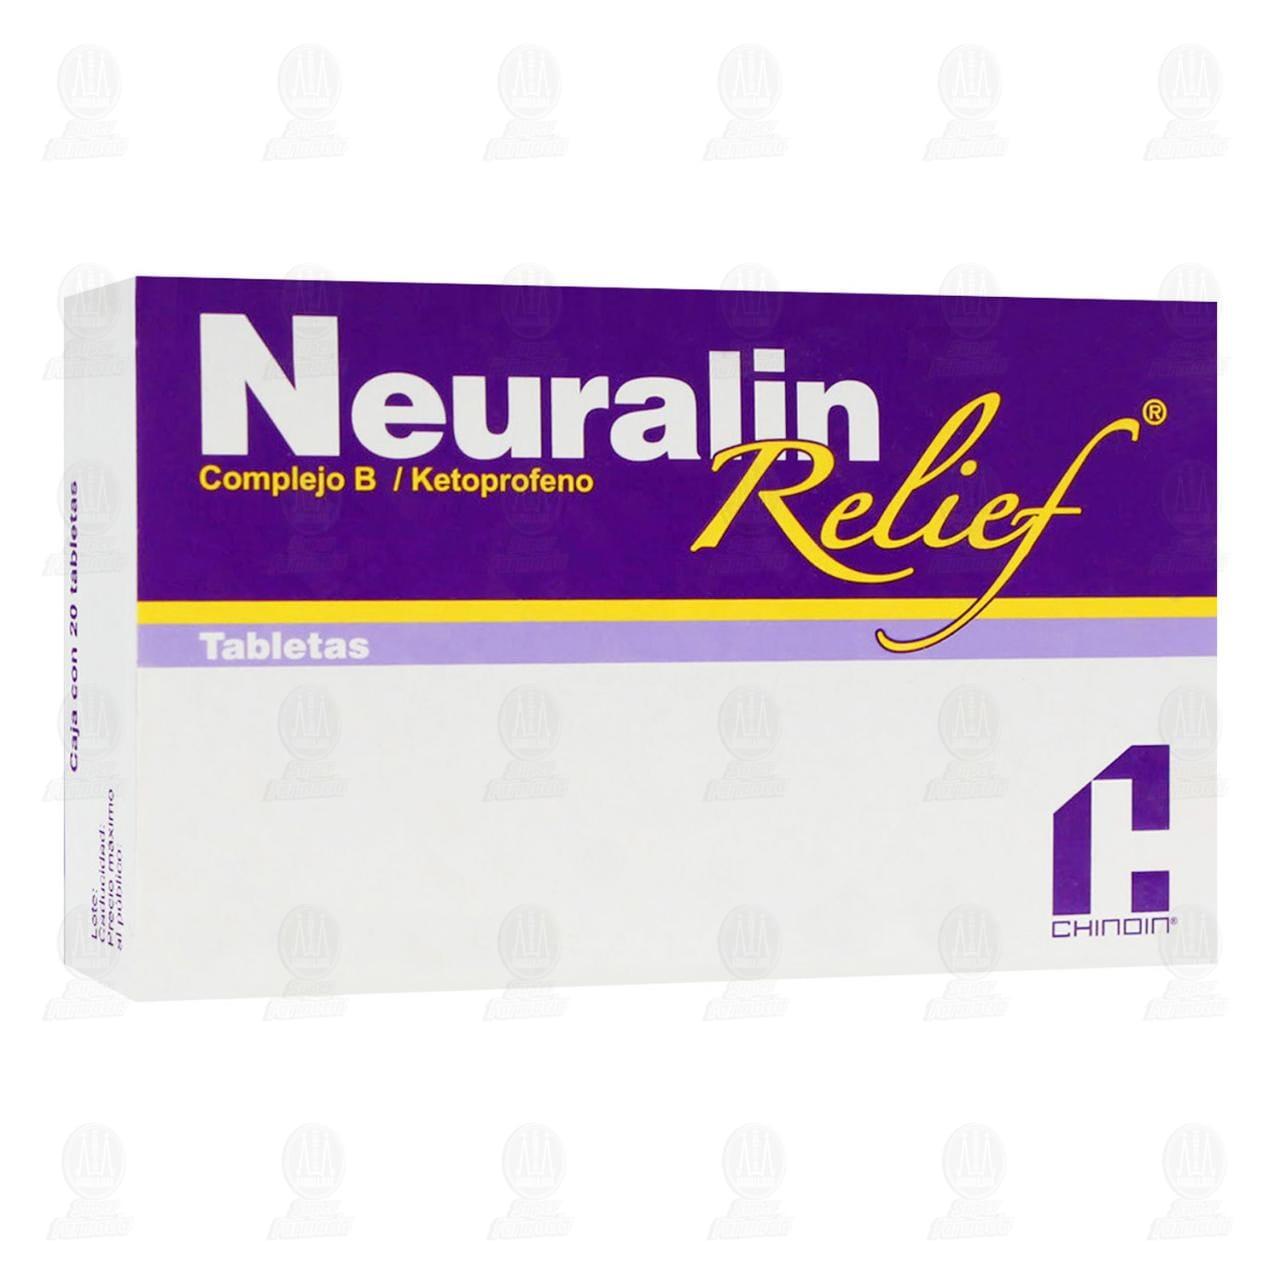 Comprar Neuralin Relief 20 Tabletas en Farmacias Guadalajara